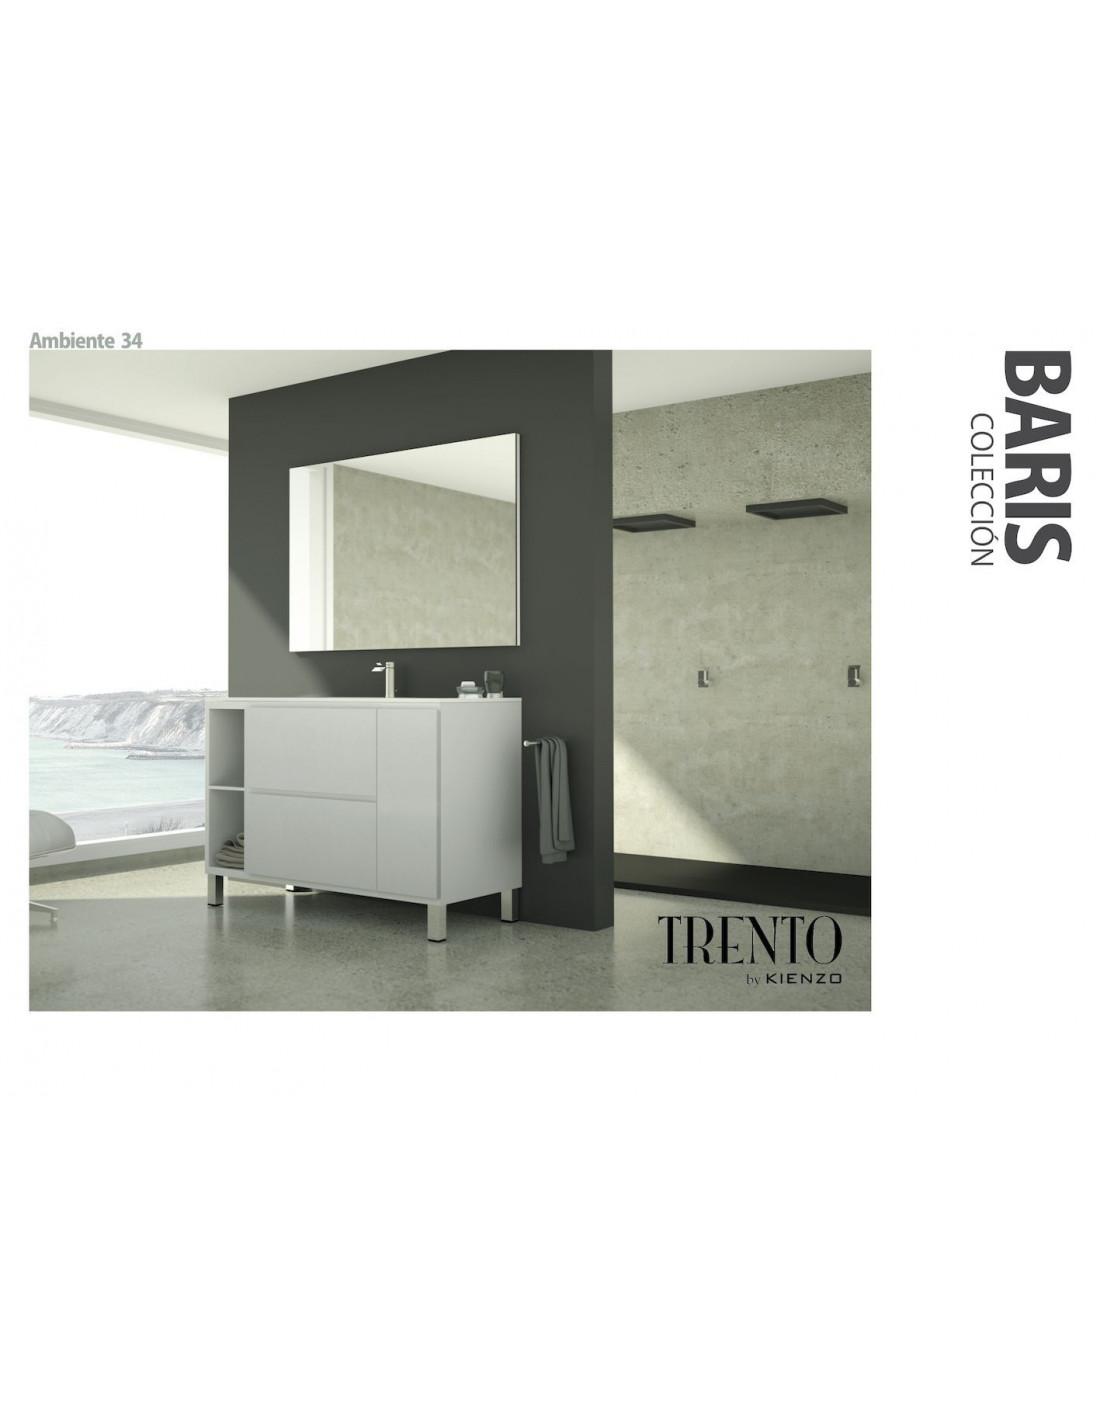 rejilla 20 x 20 cm. Black Bedroom Furniture Sets. Home Design Ideas